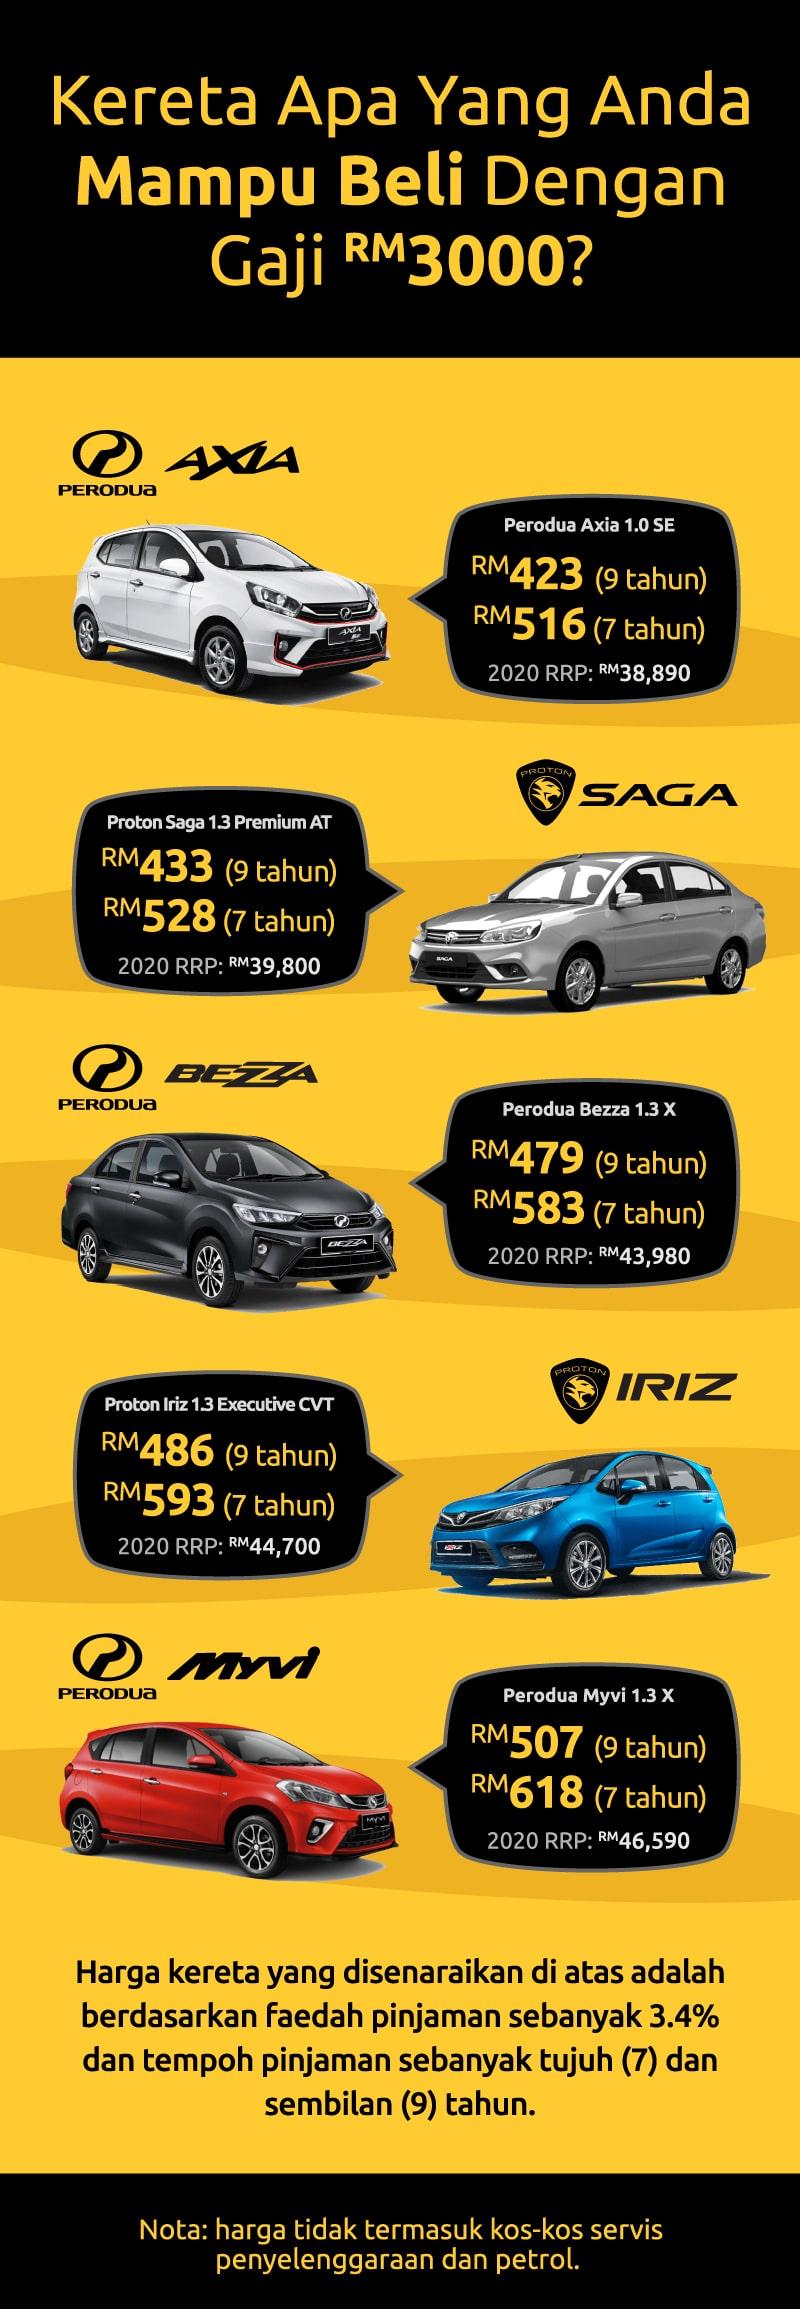 kereta mampu milik gaji RM3000